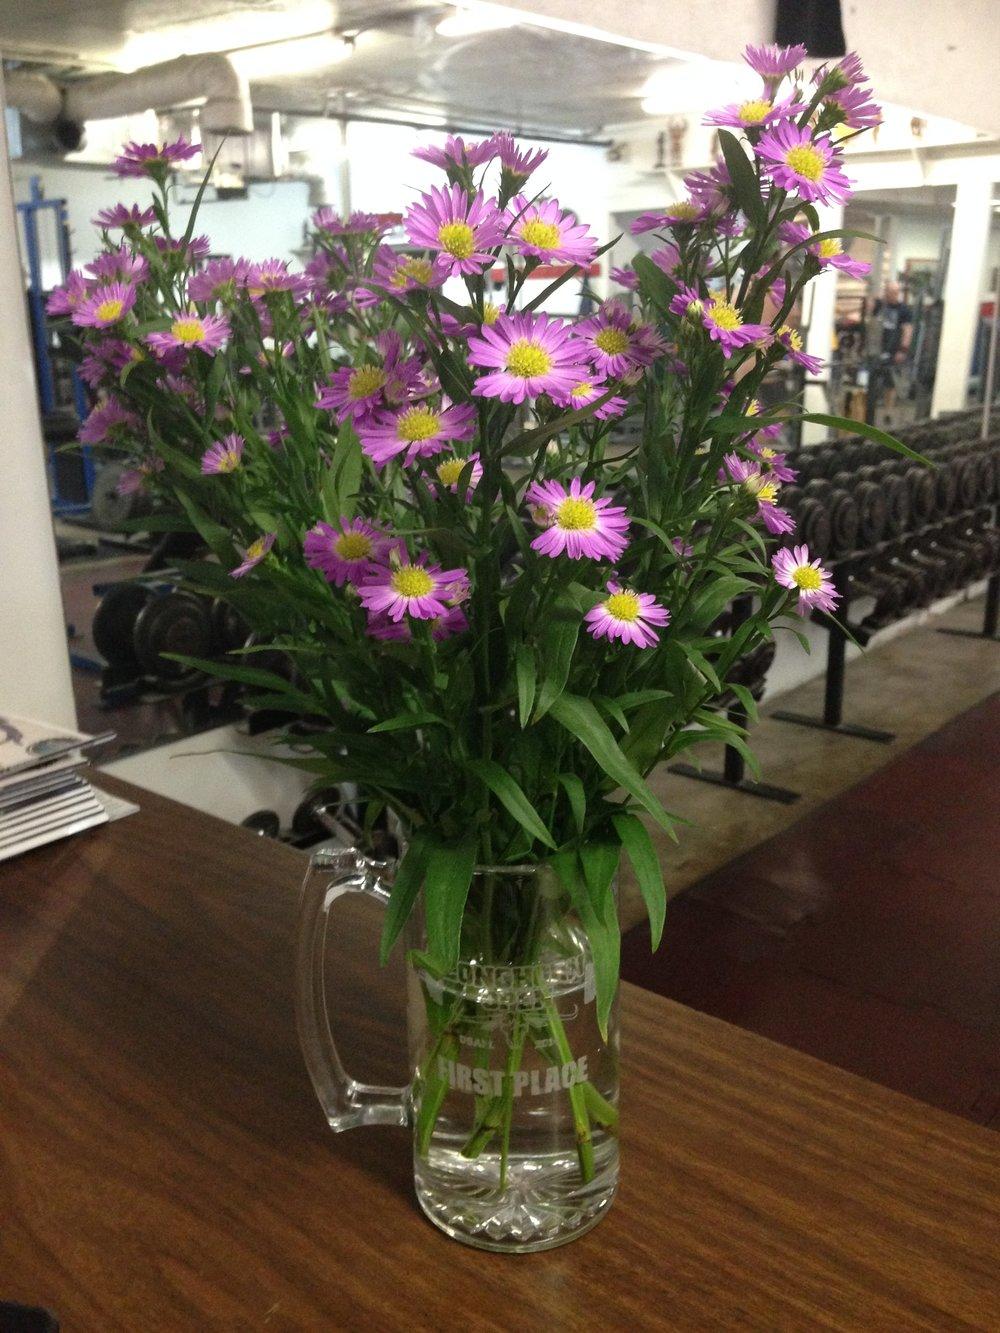 Birthday flowers from my sweet friend Ricardo.